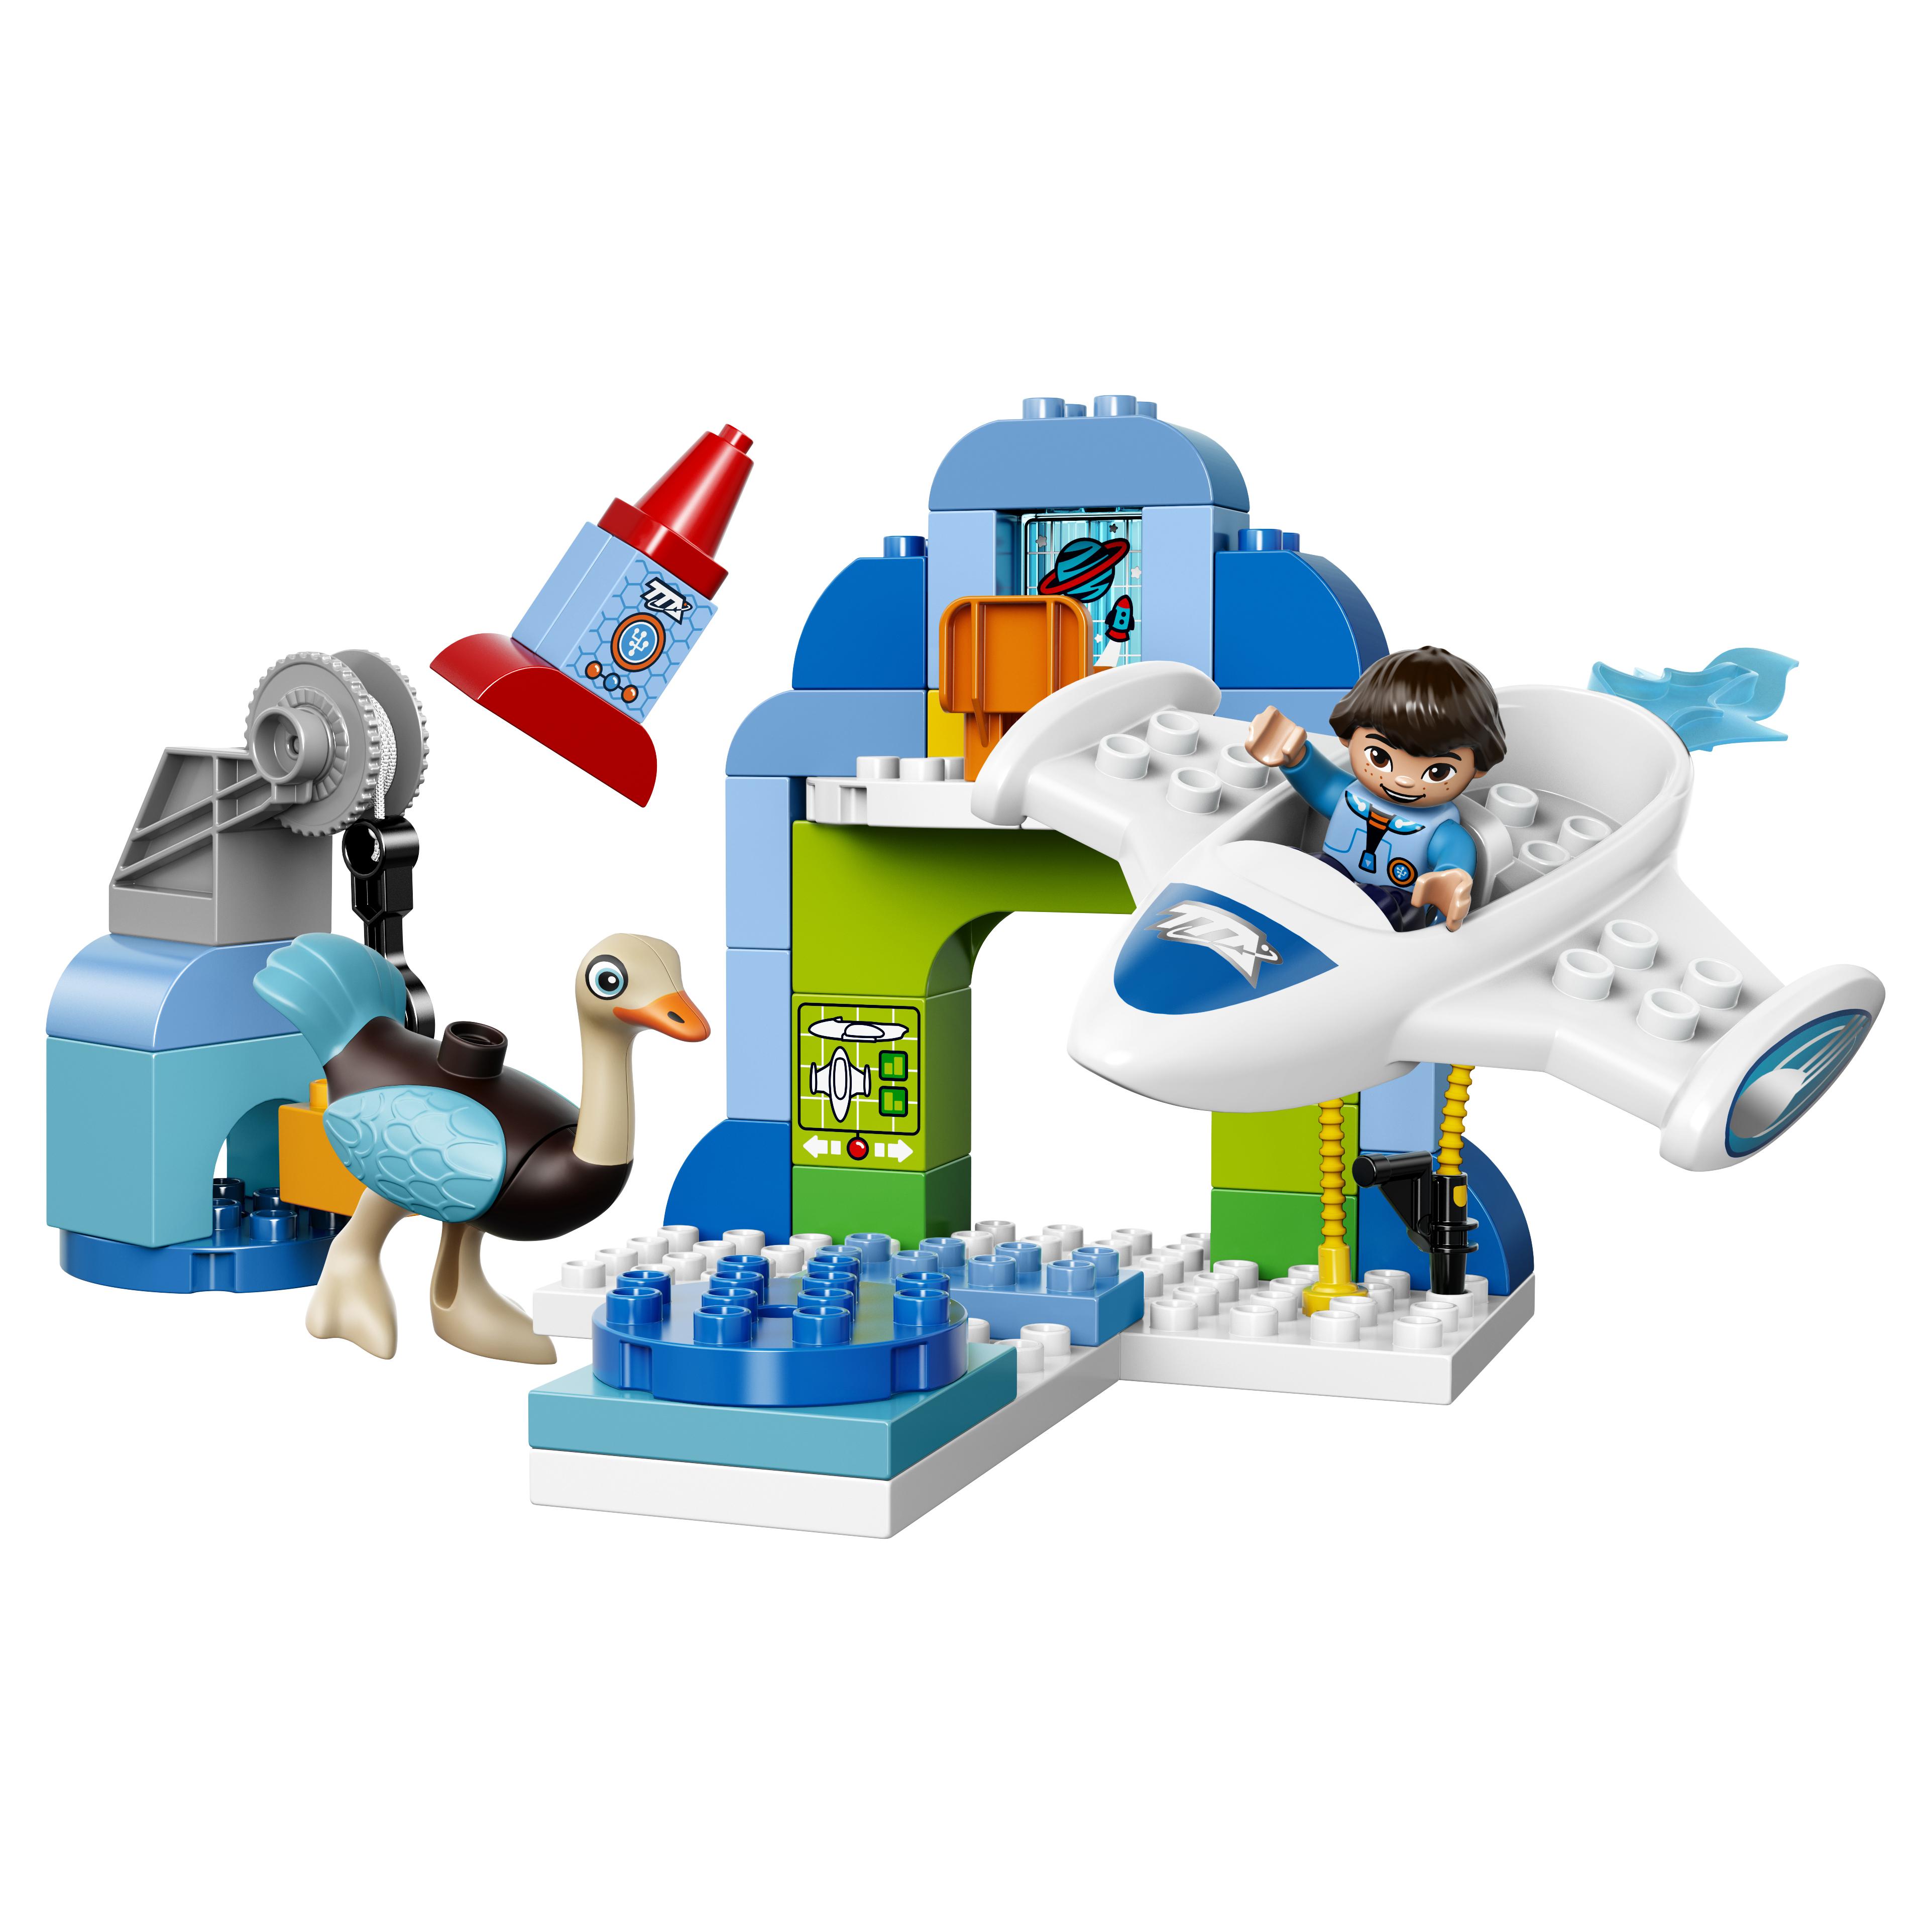 Купить Конструктор lego duplo miles стеллосфера майлза (10826), Конструктор LEGO Duplo Miles Стеллосфера Майлза (10826)